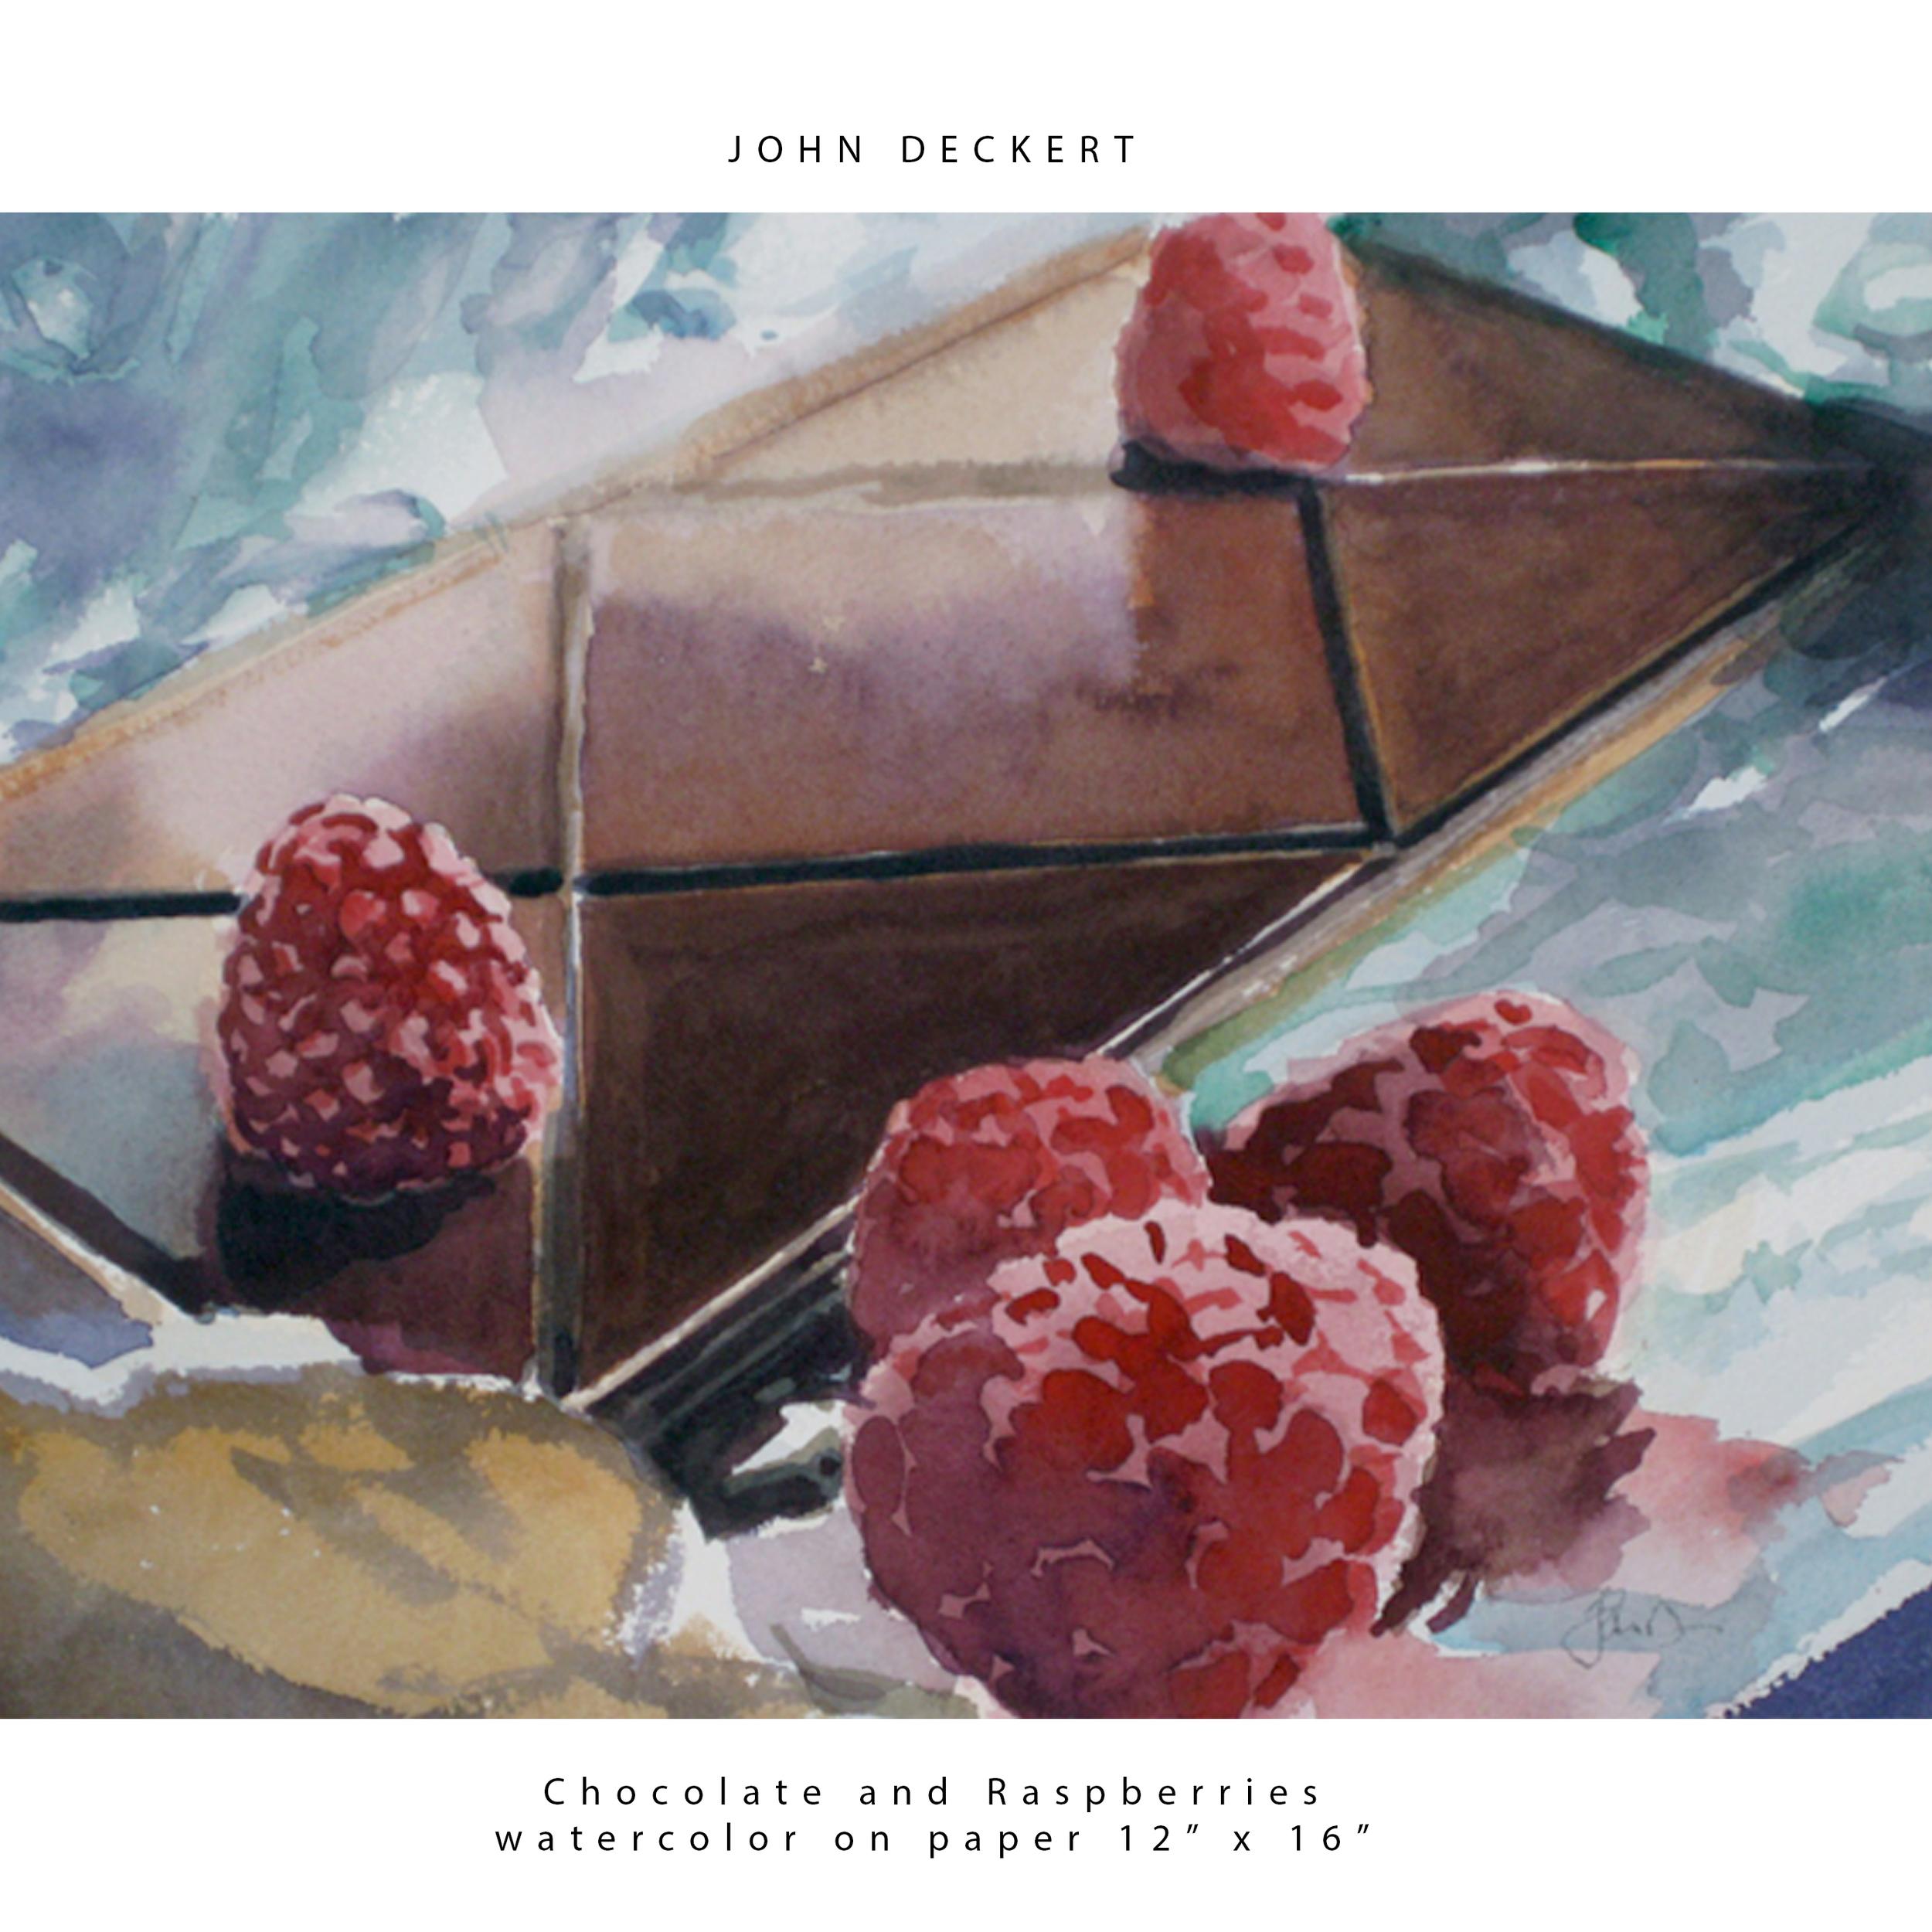 Chocolate and Rasberries